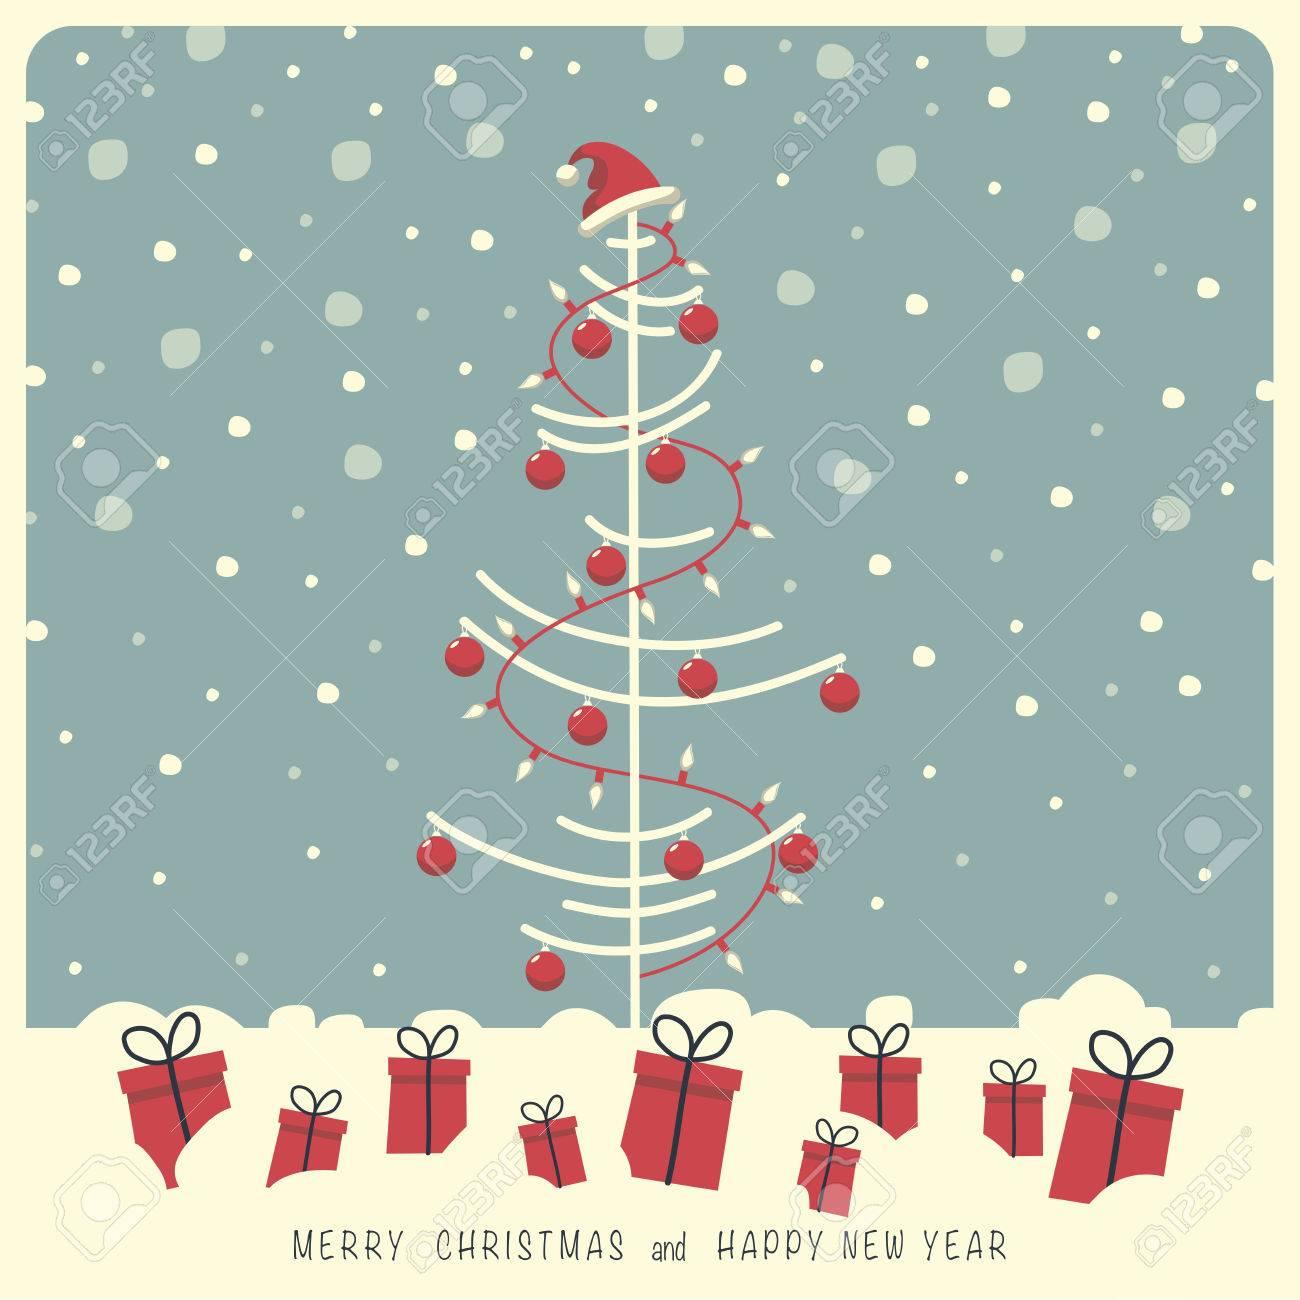 Weihnachtsbaum Schneit.Stock Photo